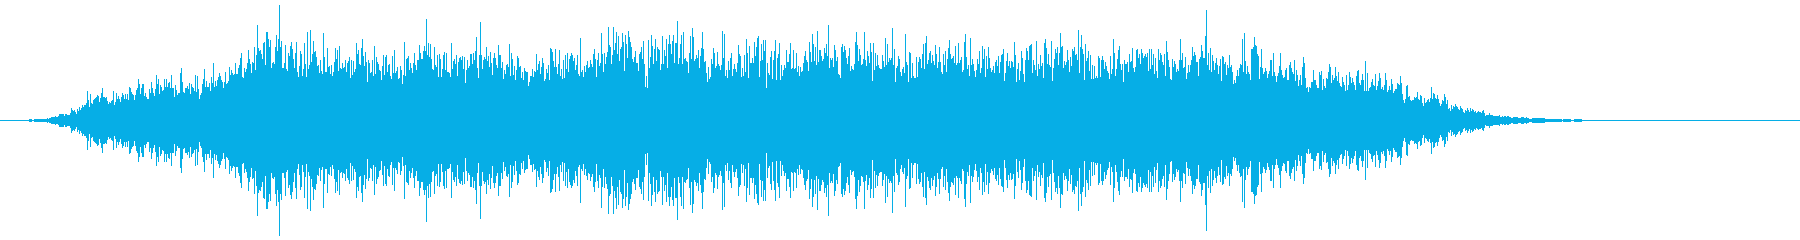 音楽:不気味な機械のオーケストラ、...の再生済みの波形